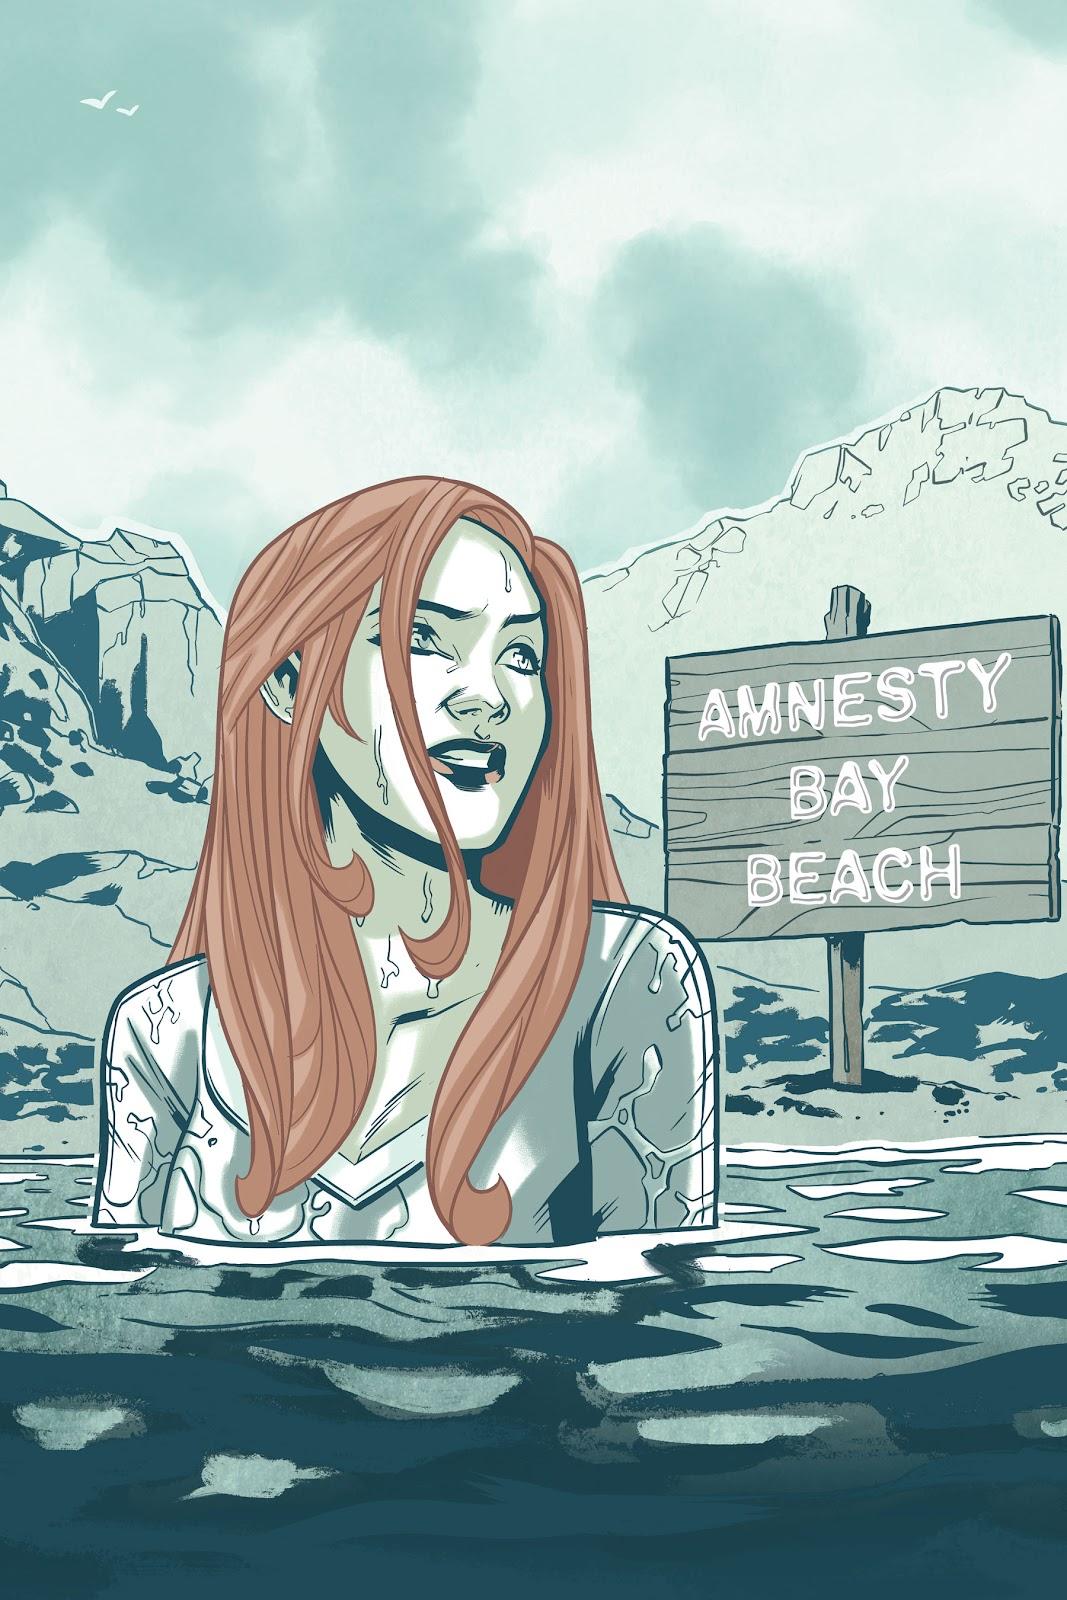 Read online Mera: Tidebreaker comic -  Issue # TPB (Part 1) - 66